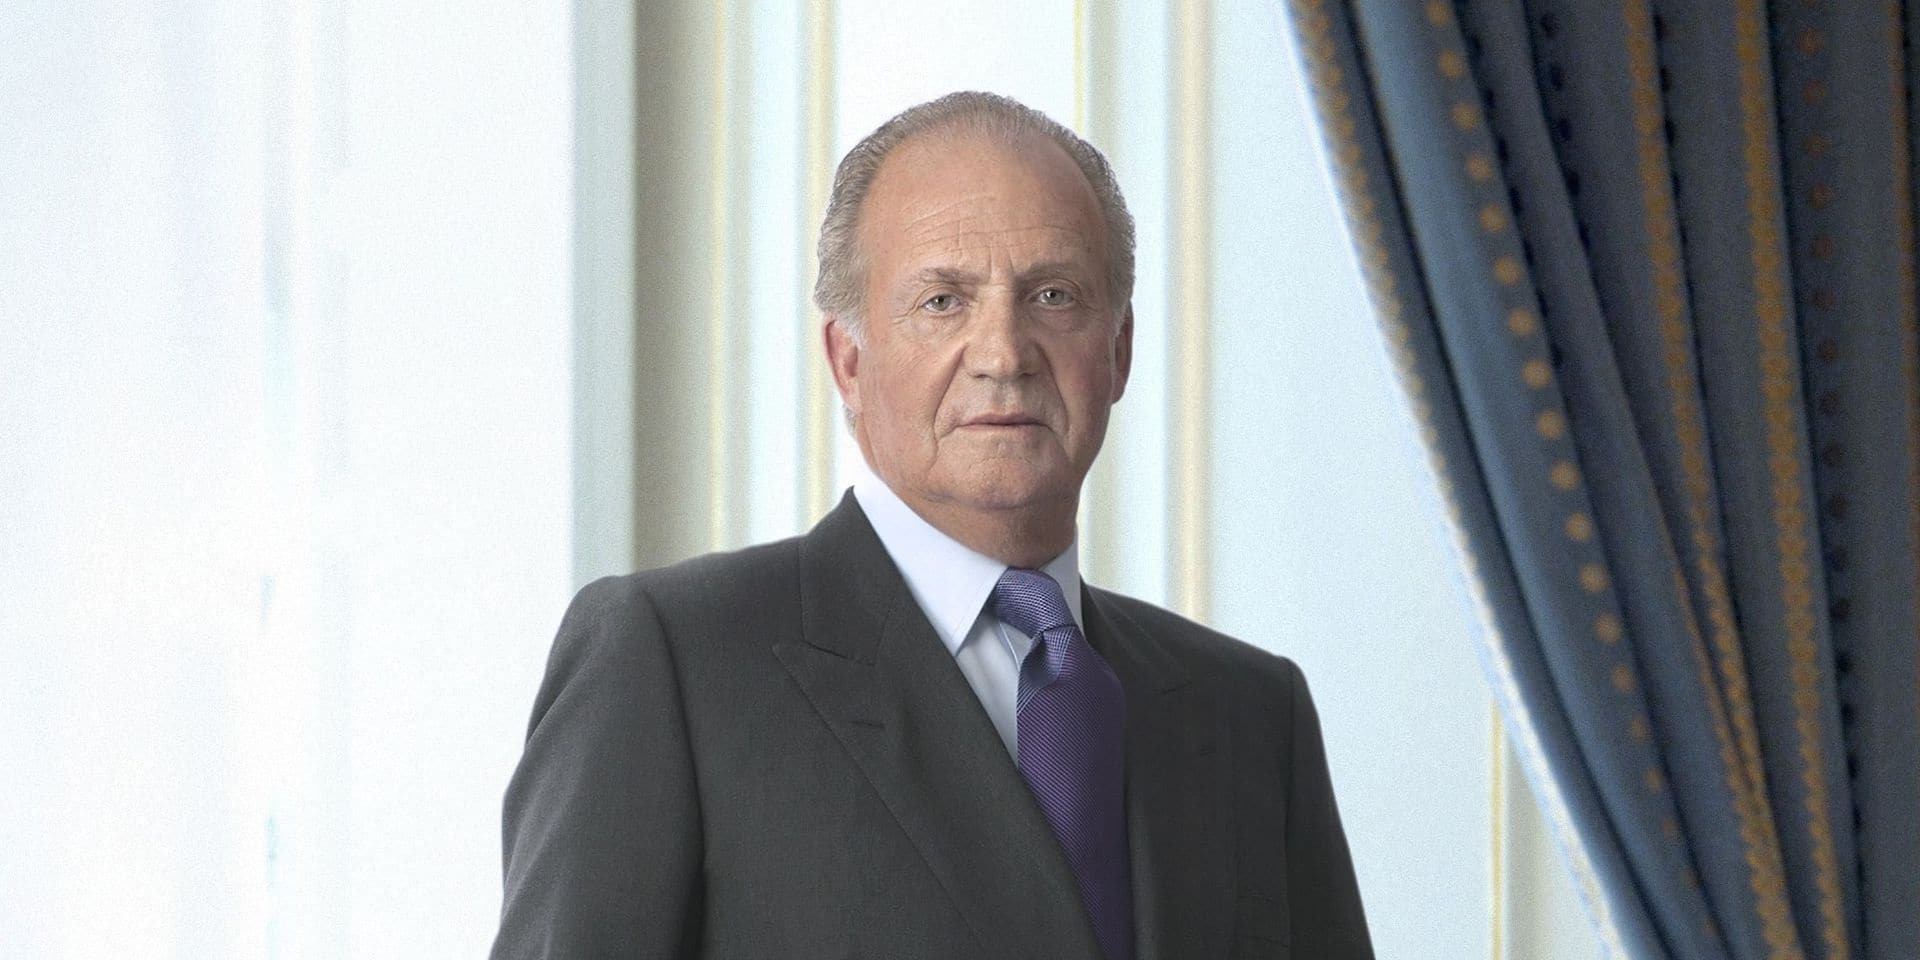 Le micmac qui fait trembler la monarchie espagnole